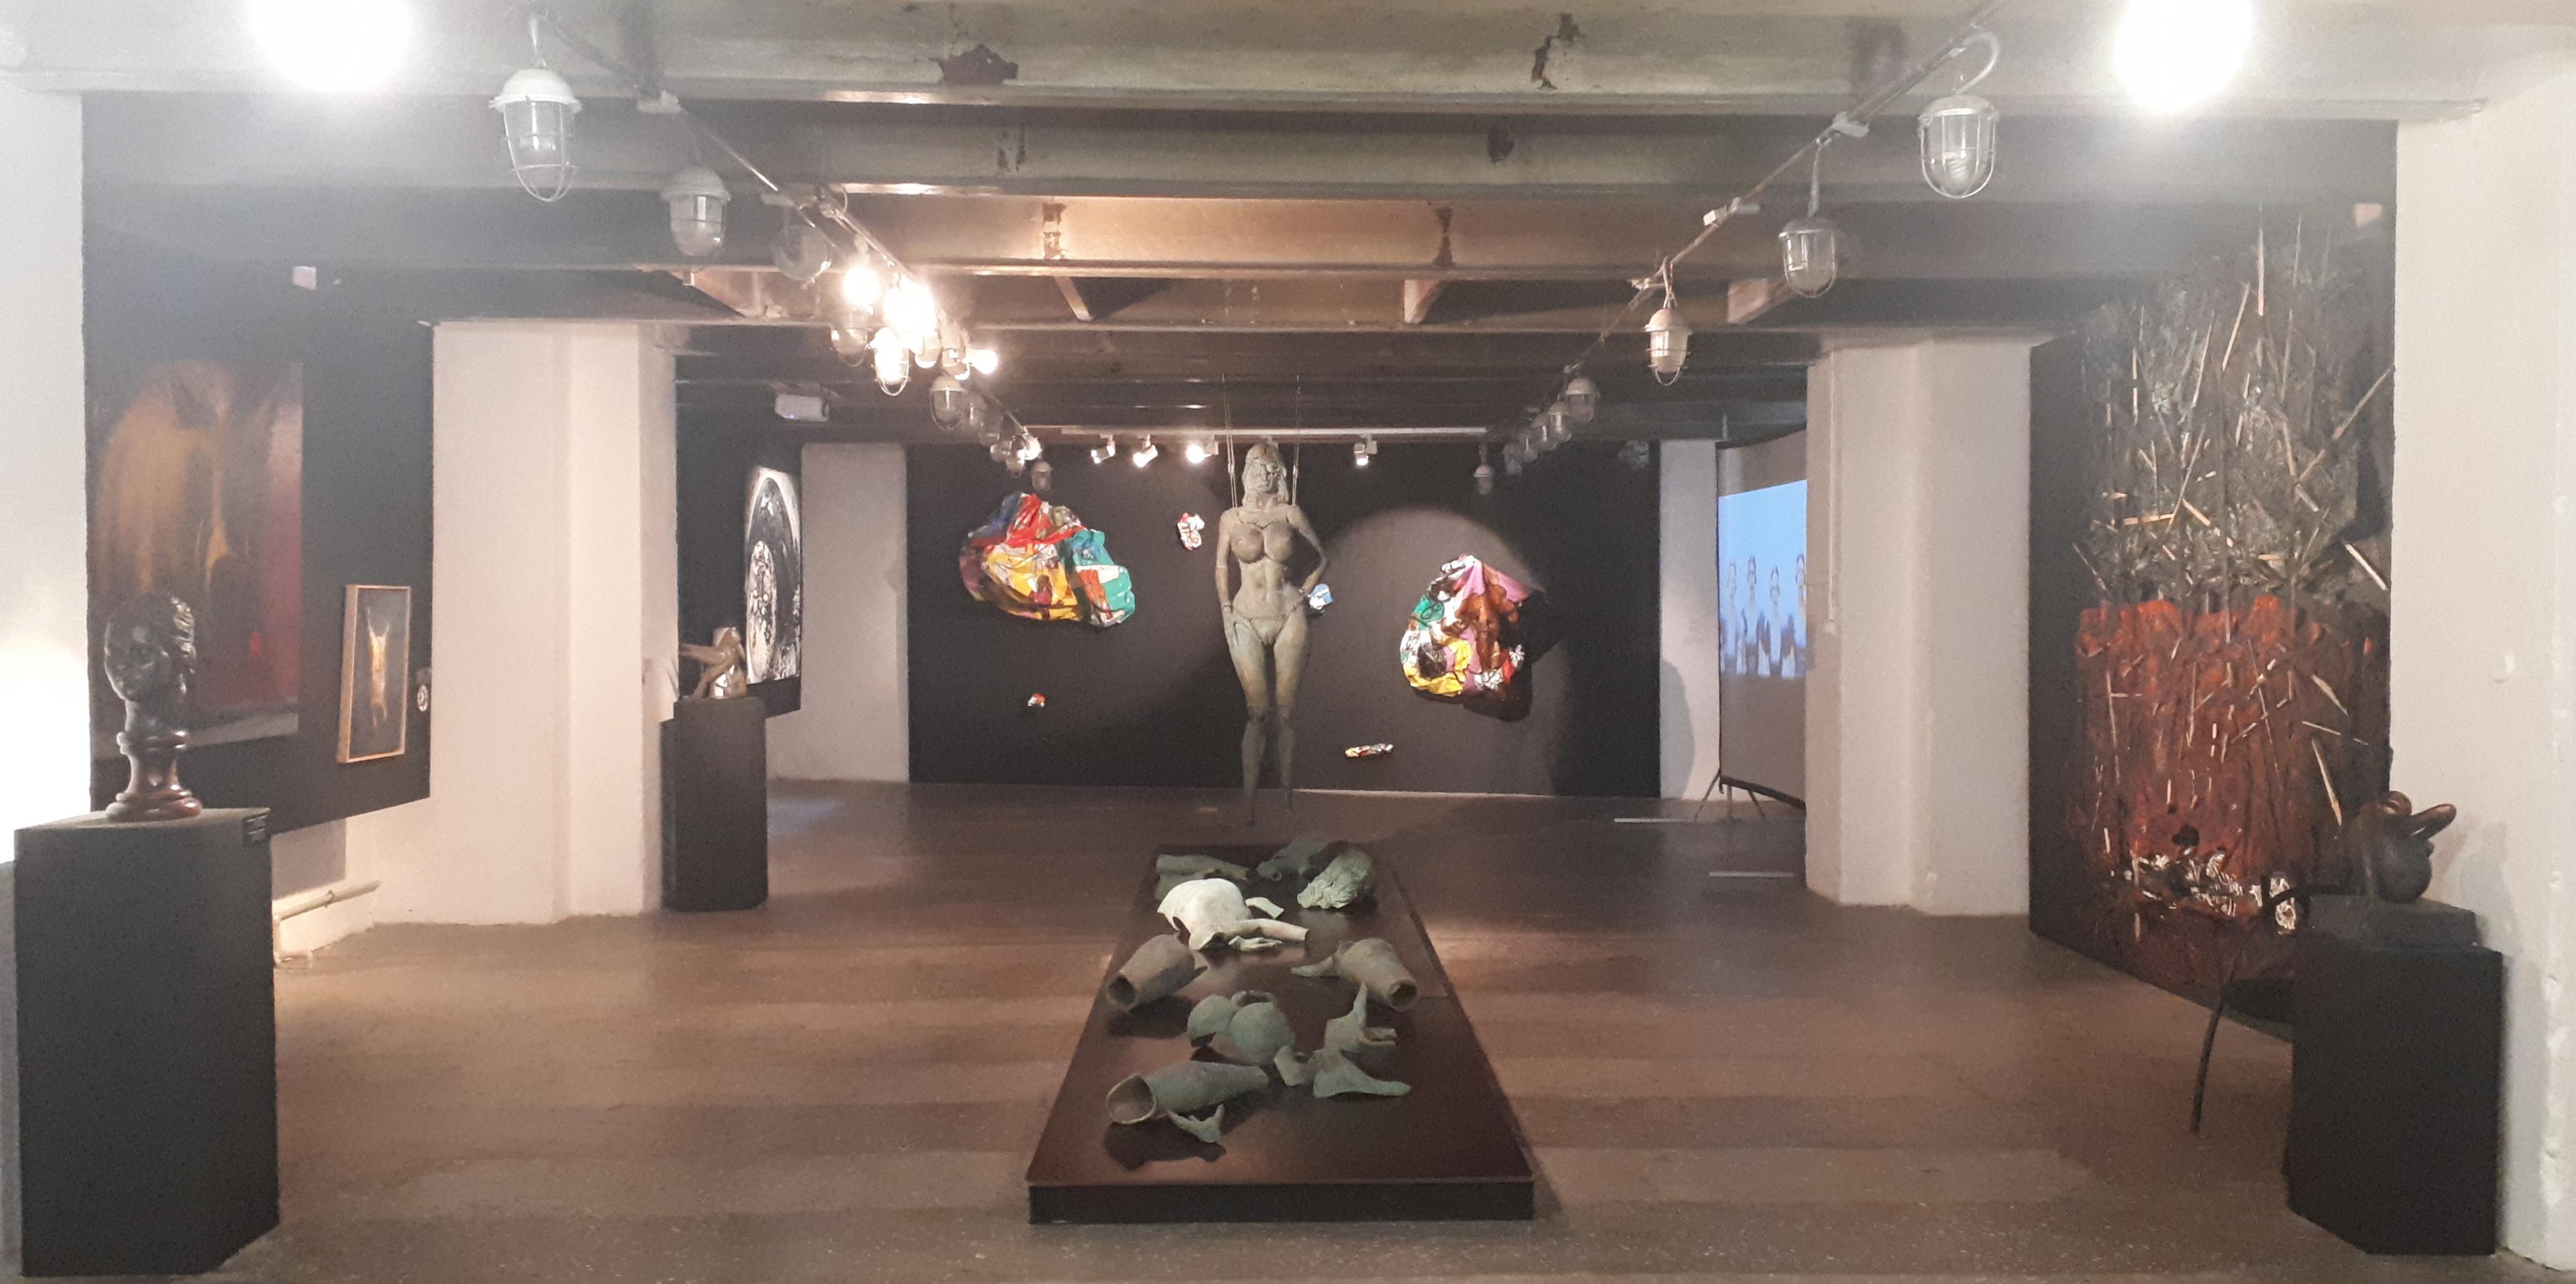 С ног на голову: в Петербурге проходит выставка гротеска